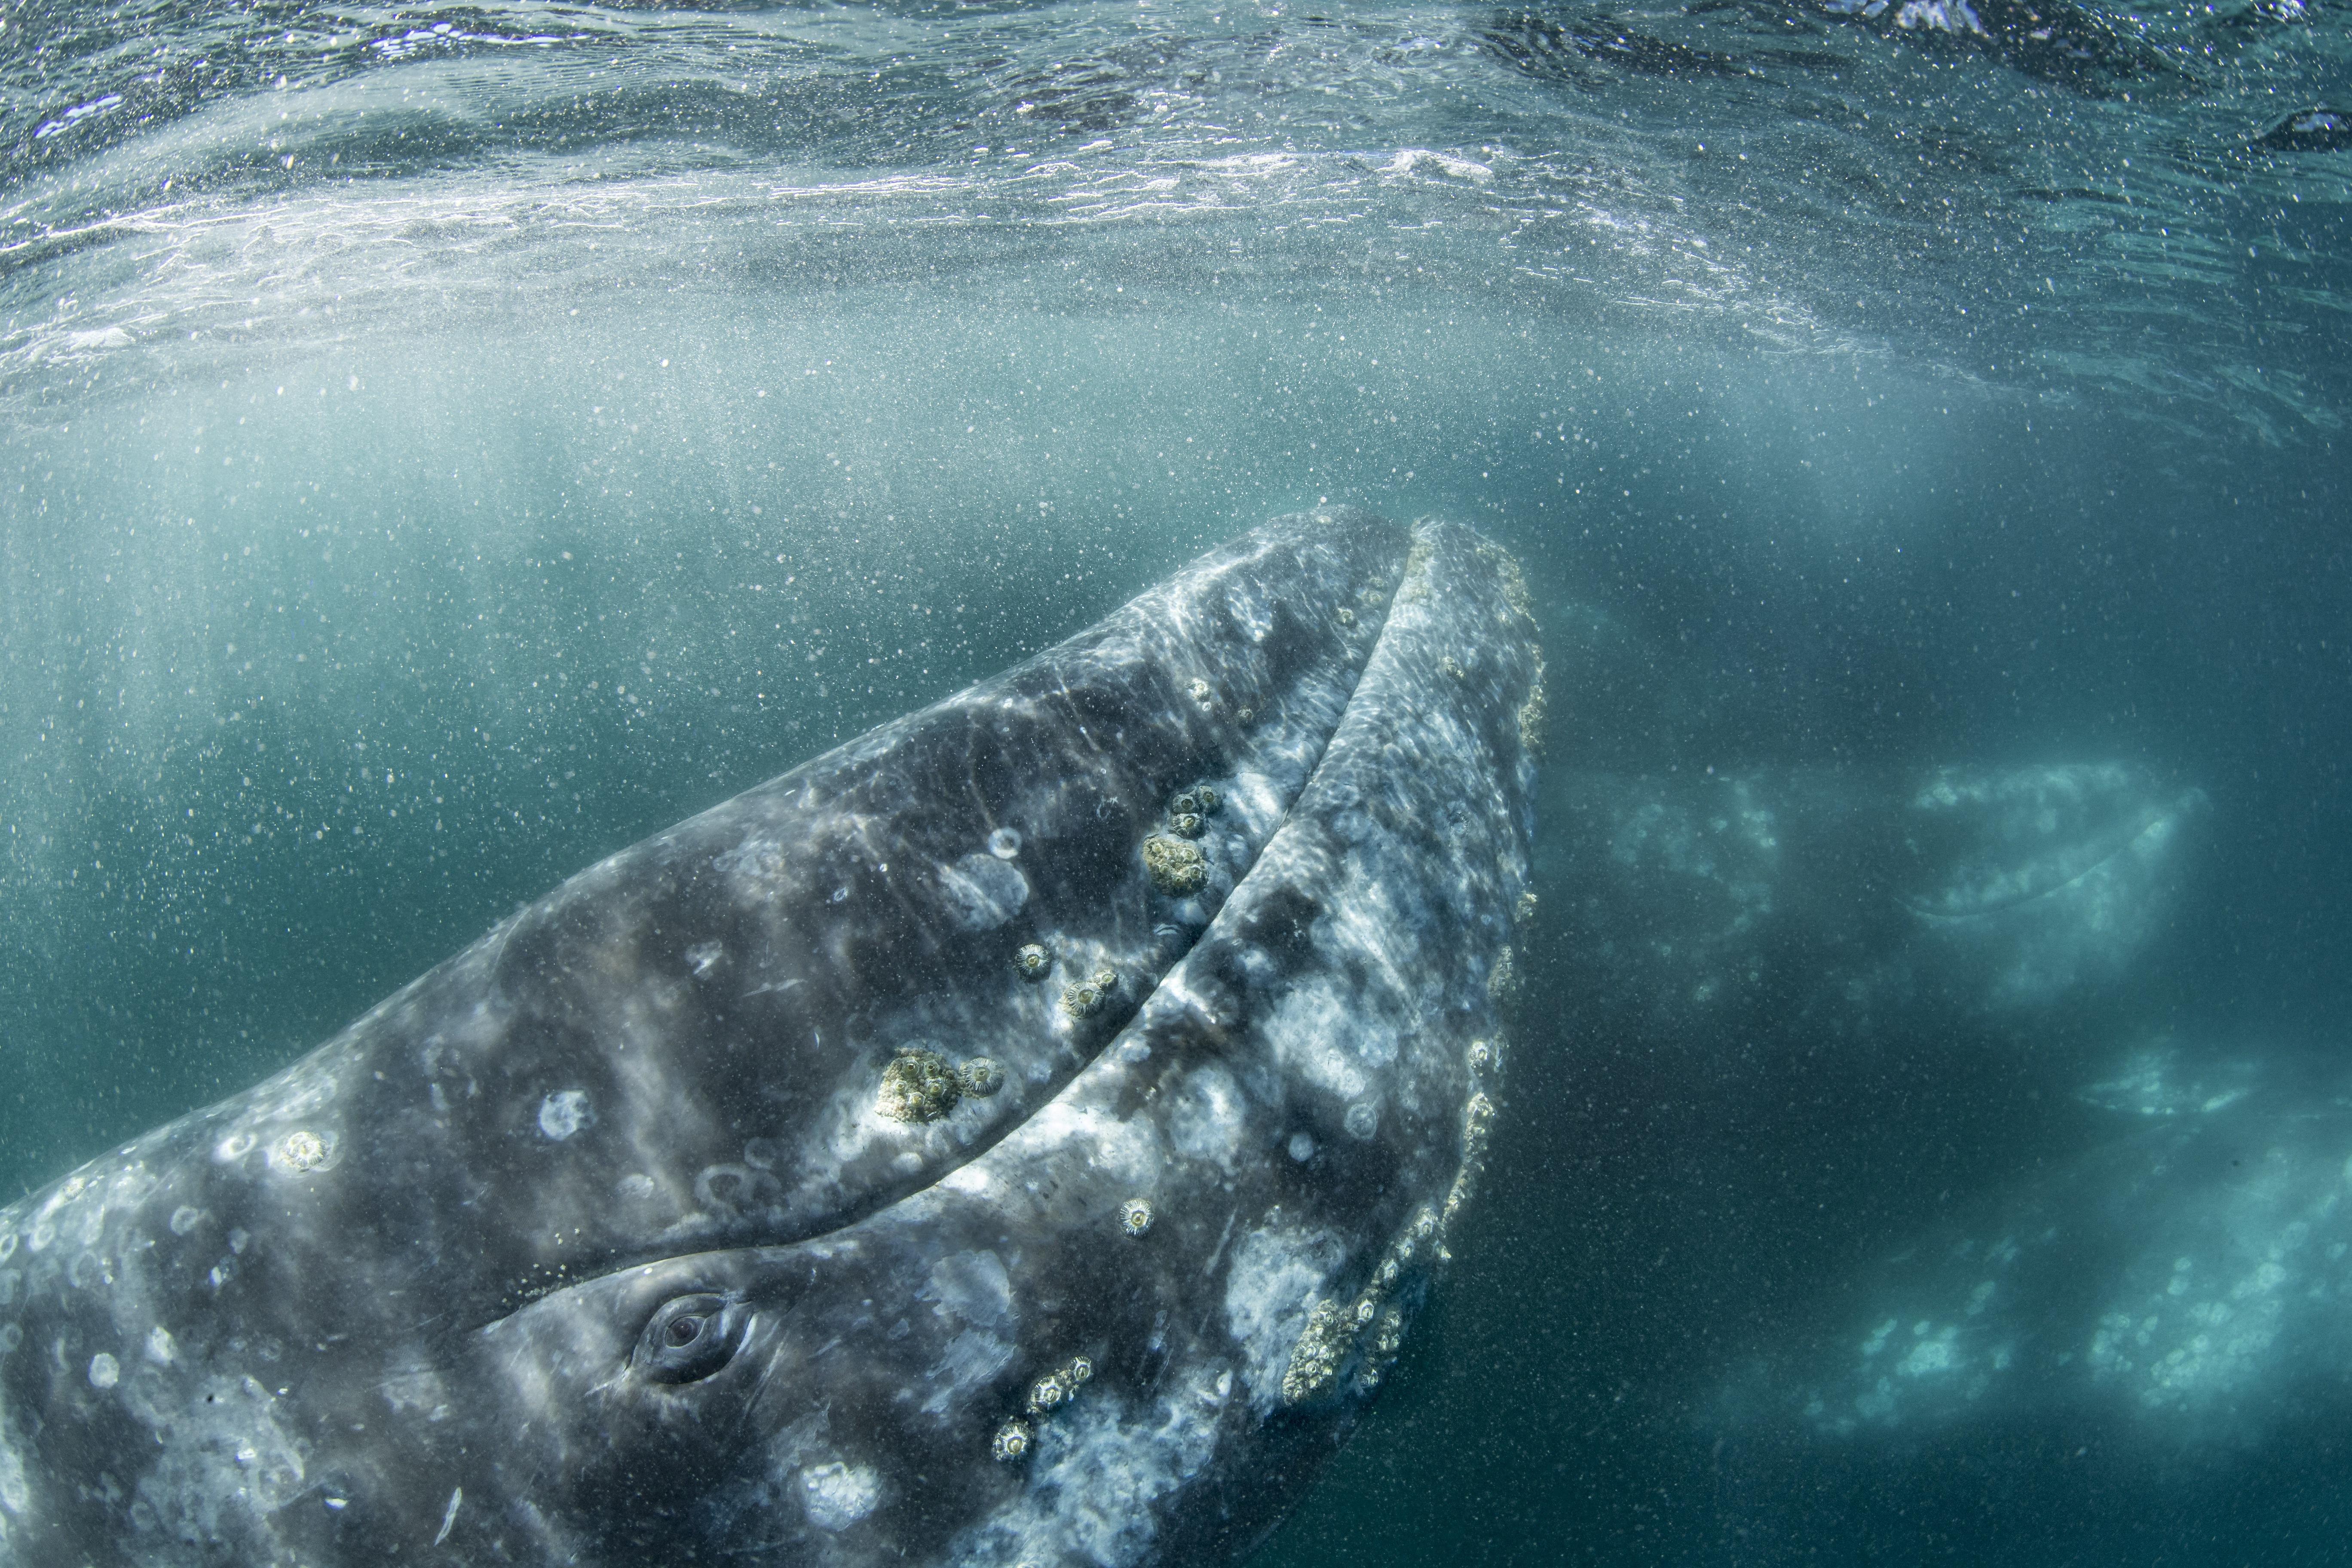 Csendesebbek a vizek, jobban hallják egymást a tengeri állatok